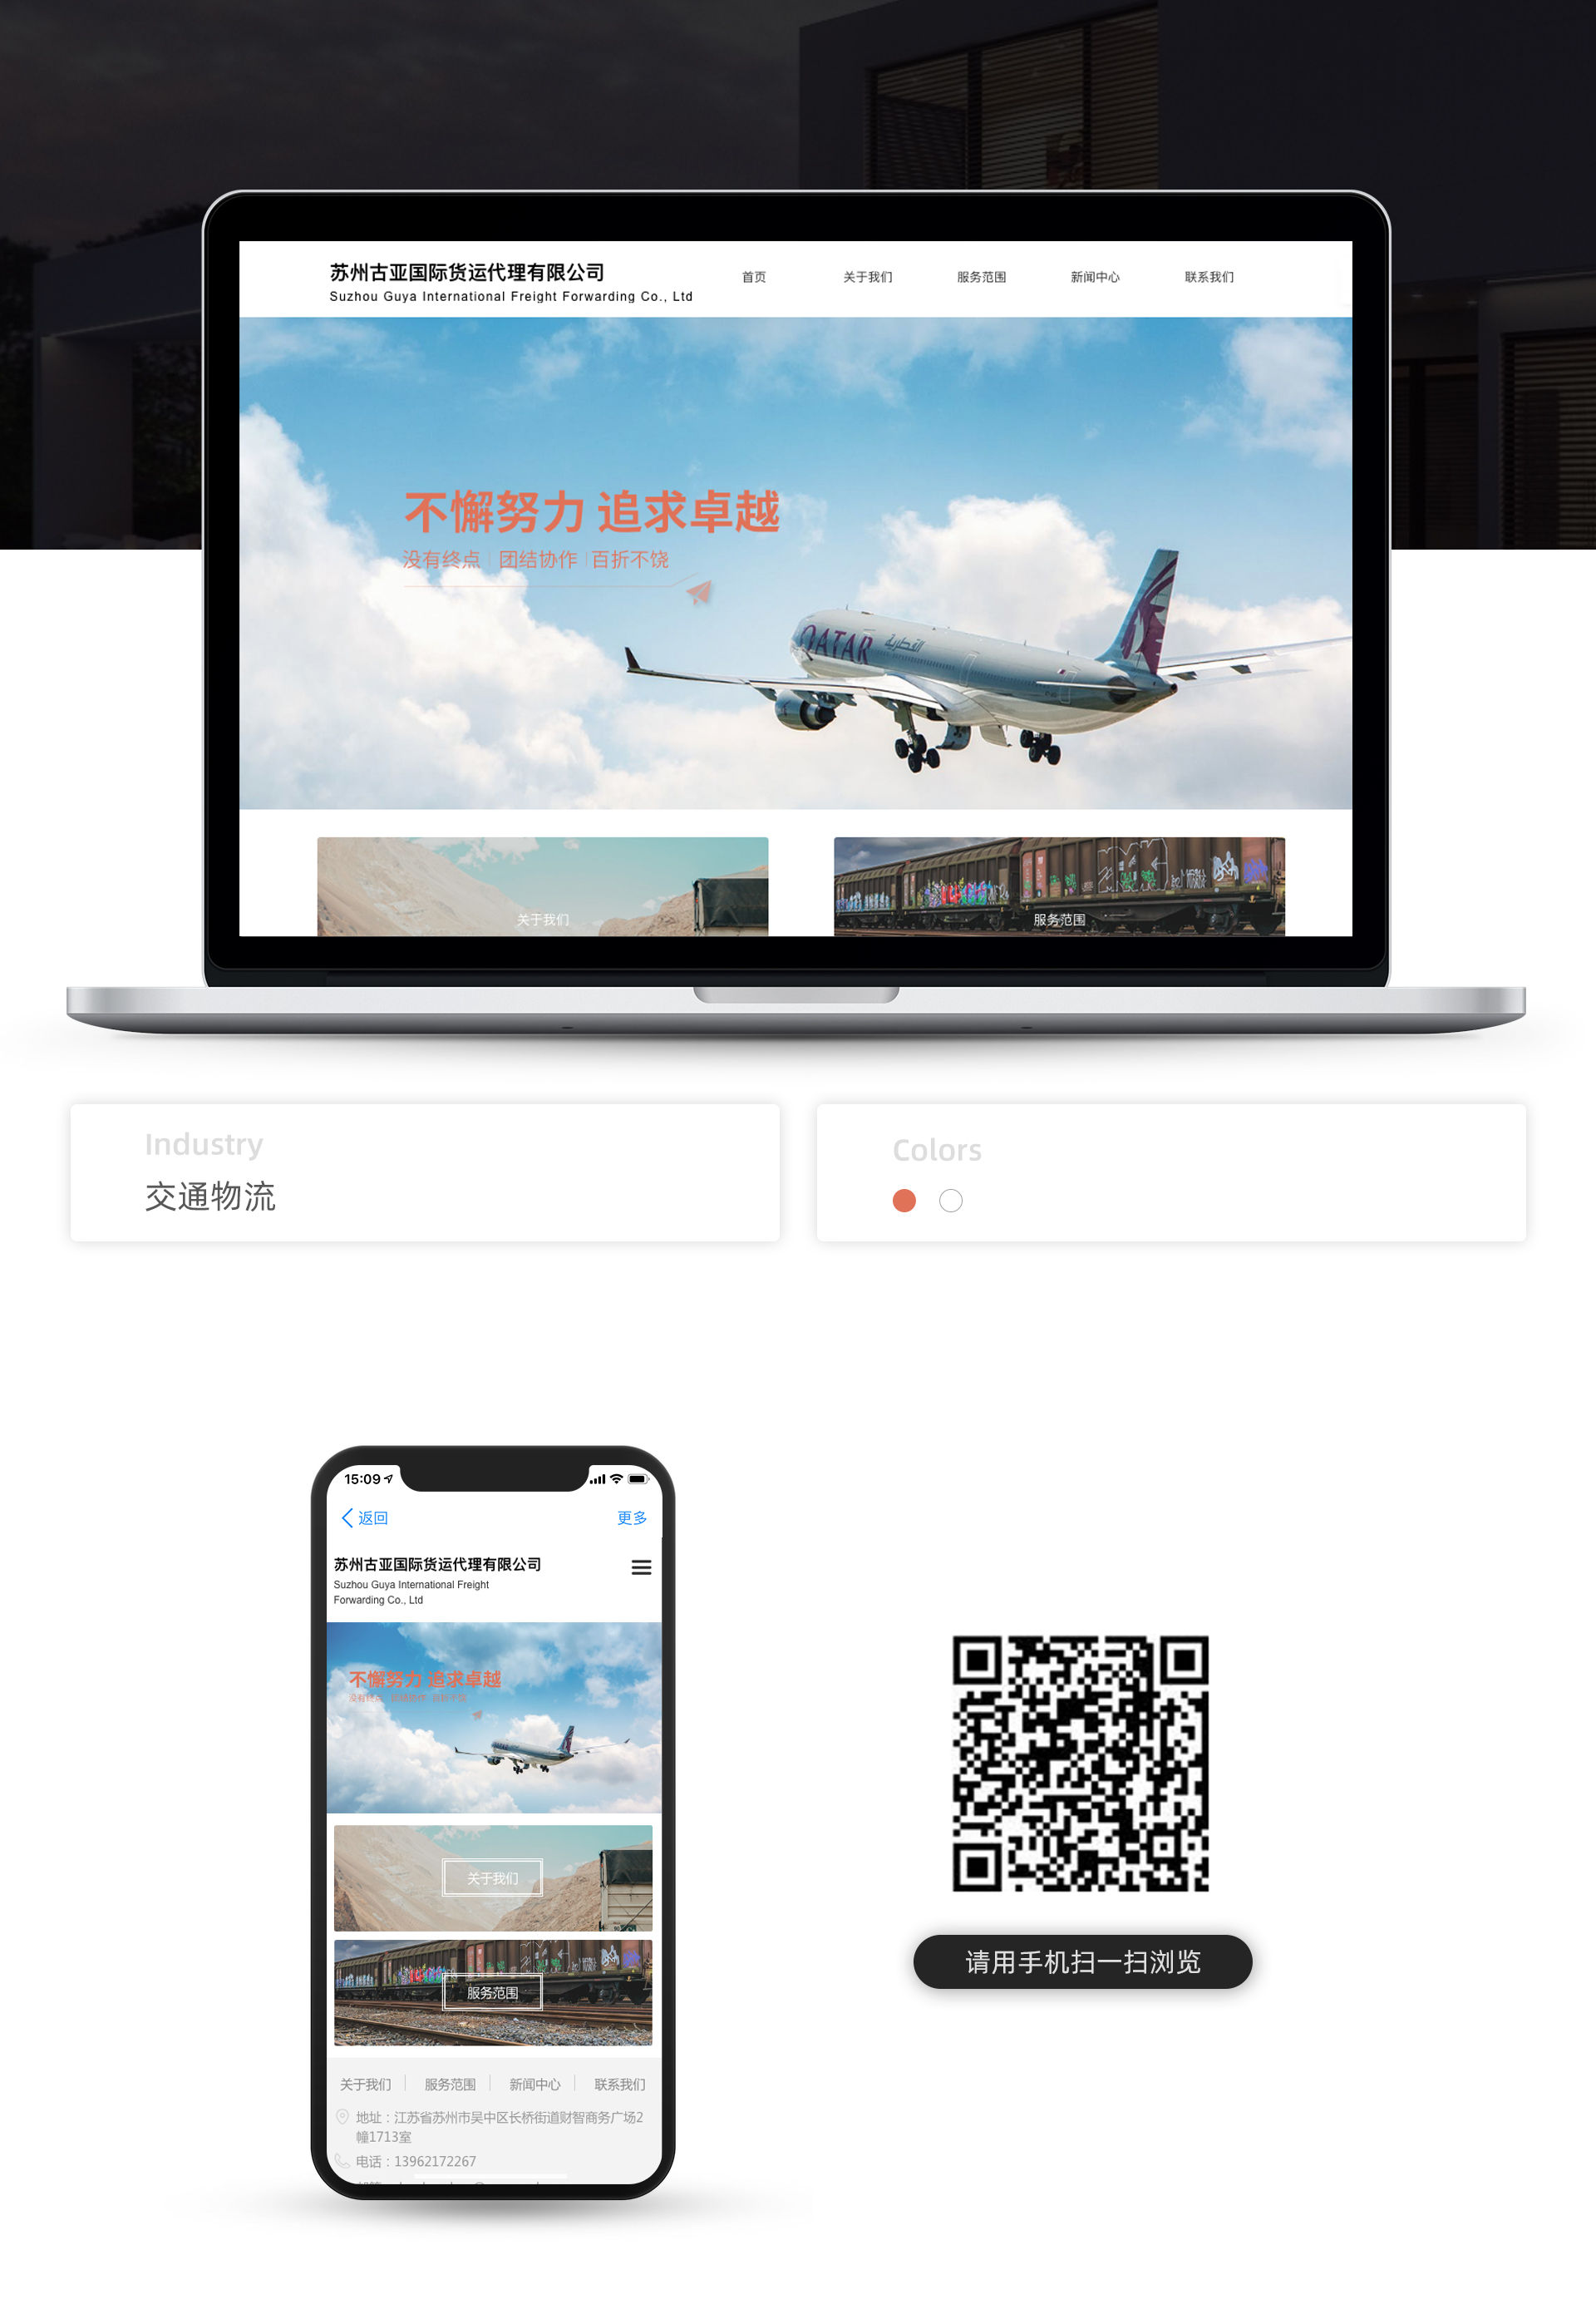 内页-云企案例设计简介-有手机版204101298840384